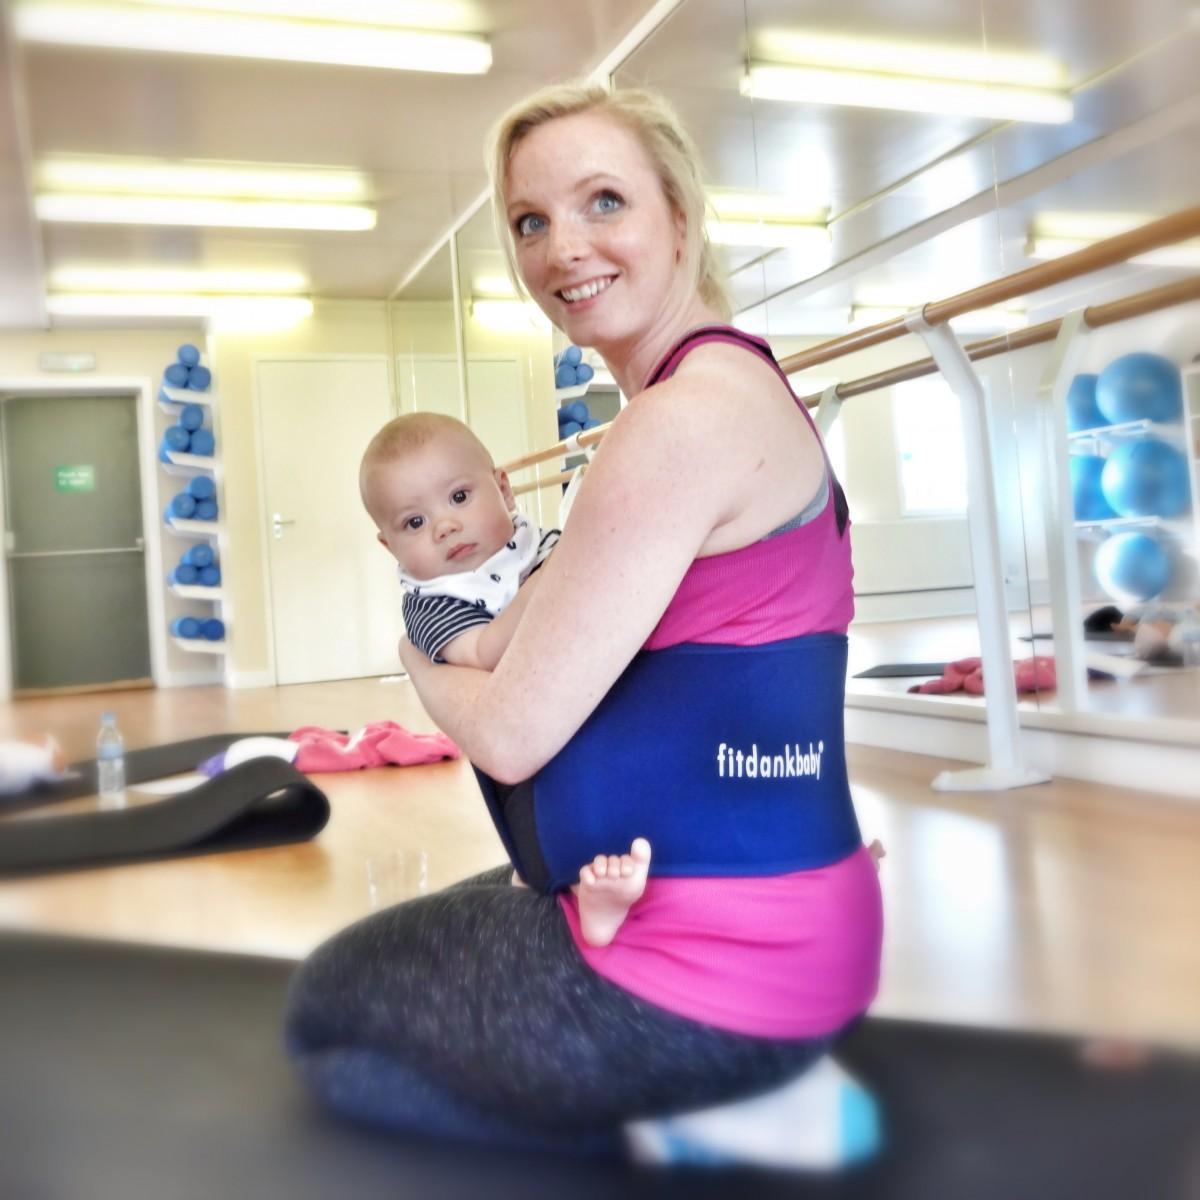 Wellbeing Balans Fitdankbaby belt